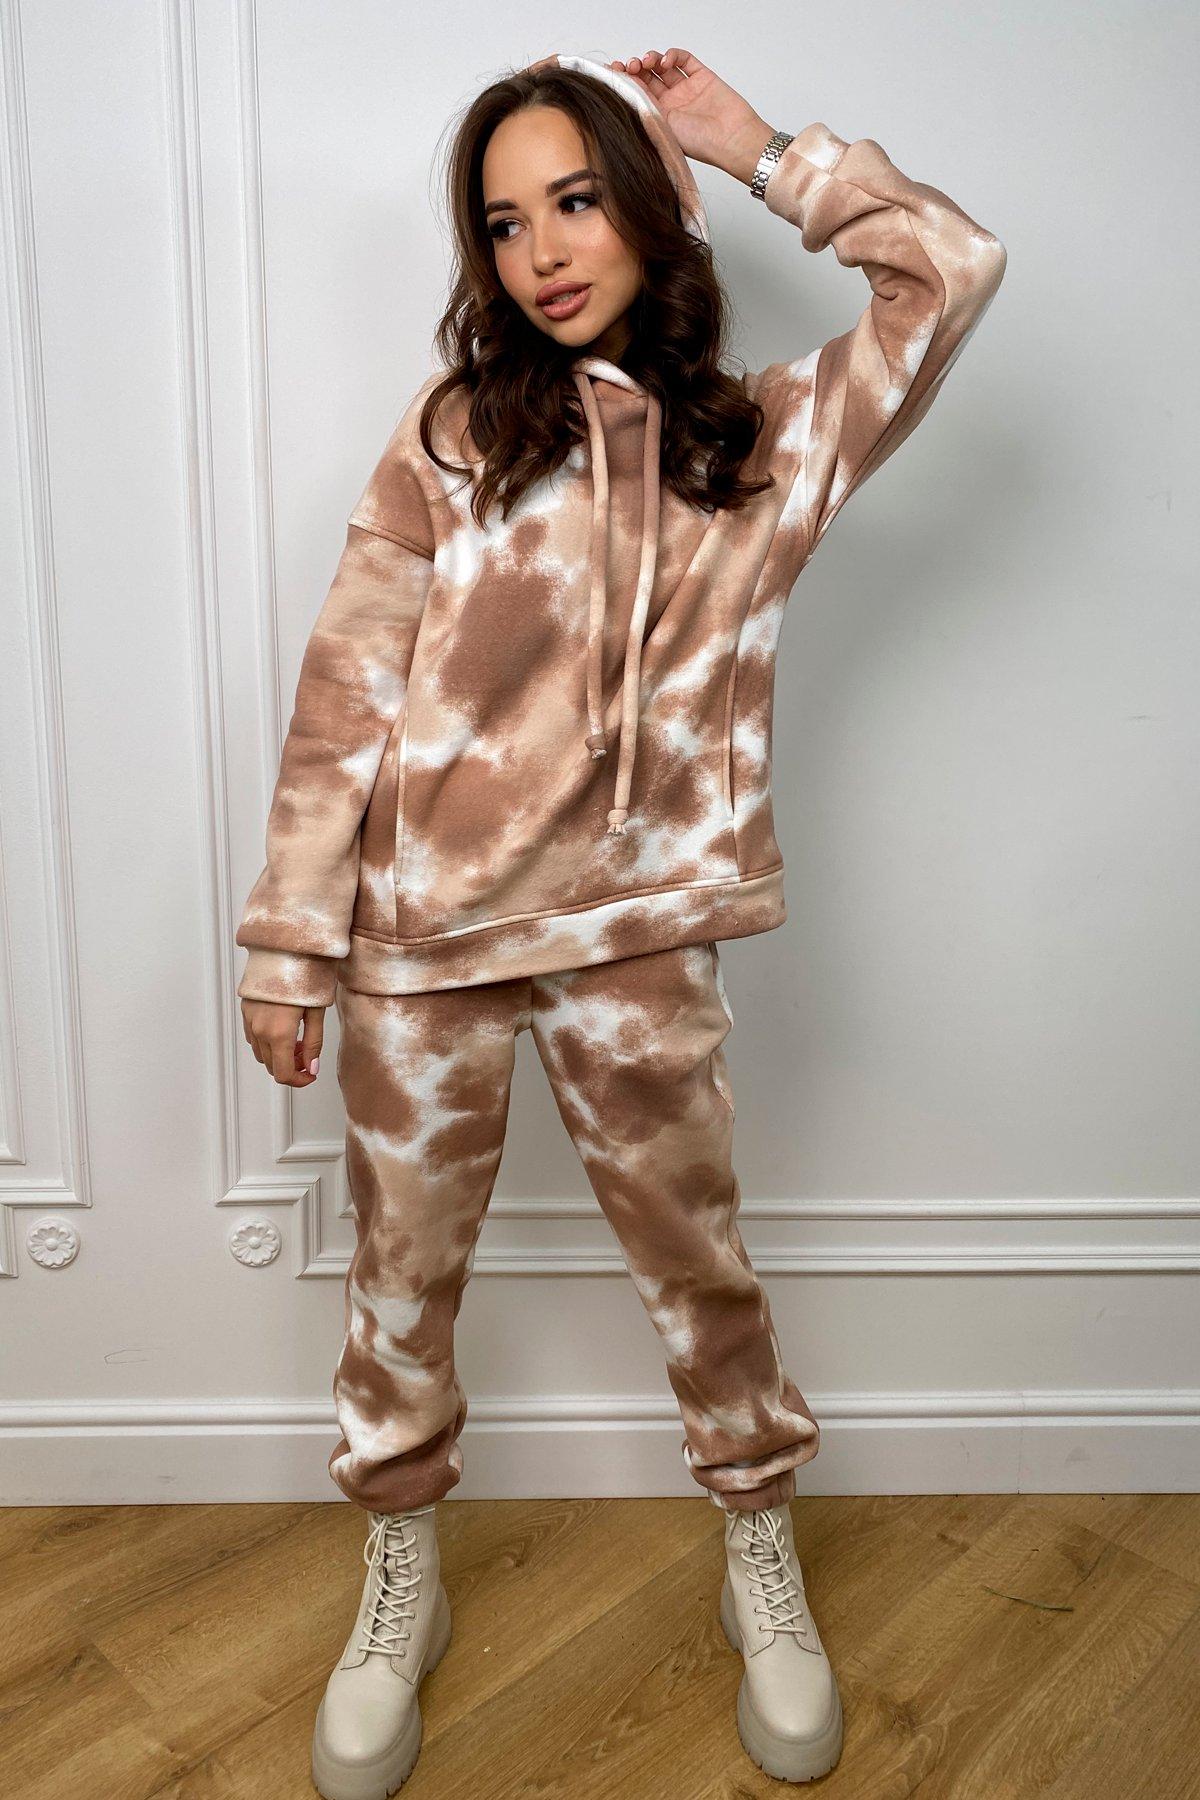 Женская одежда от производителя Modus Тай Дай трикотаж 3х нитка с начесом прогулочный костюм 10241